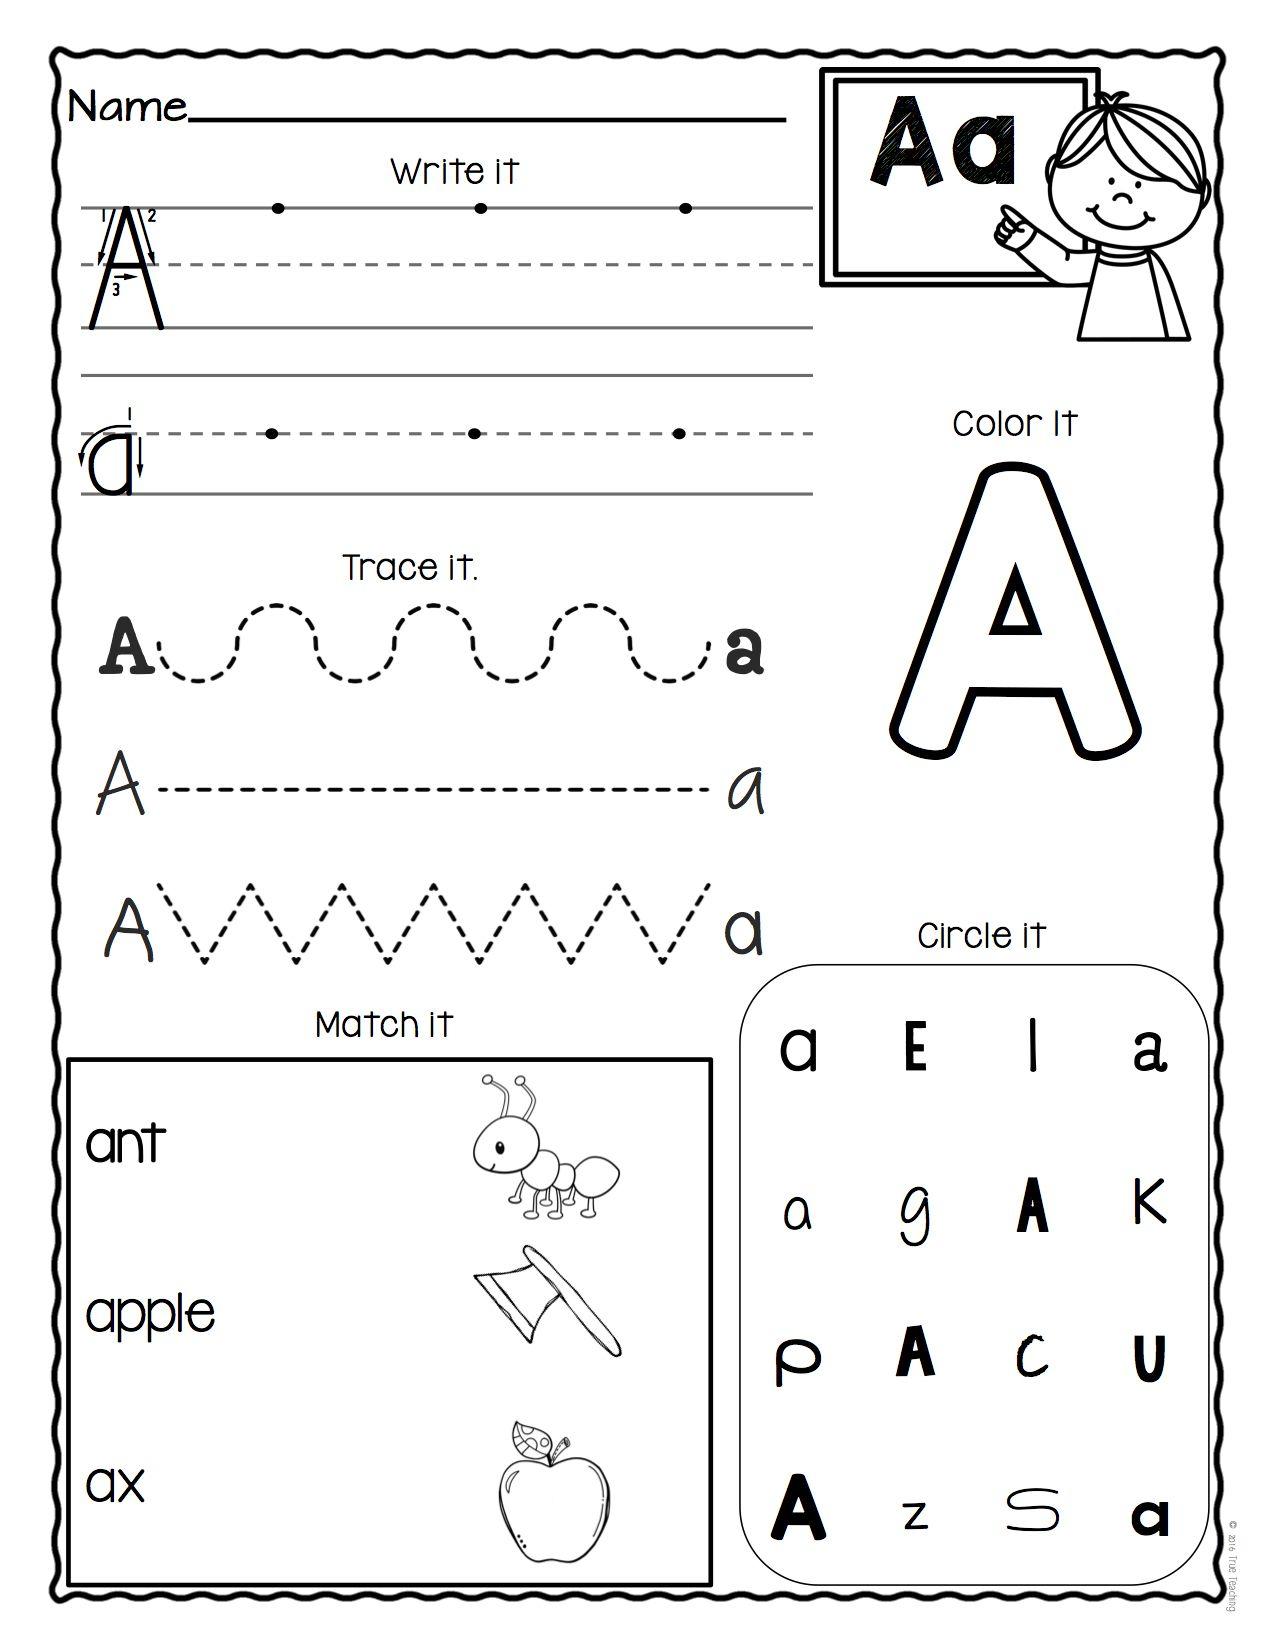 A-Z Letter Worksheets (Set 3) | Alphabet Worksheets intended for Pre-K Alphabet Recognition Worksheets